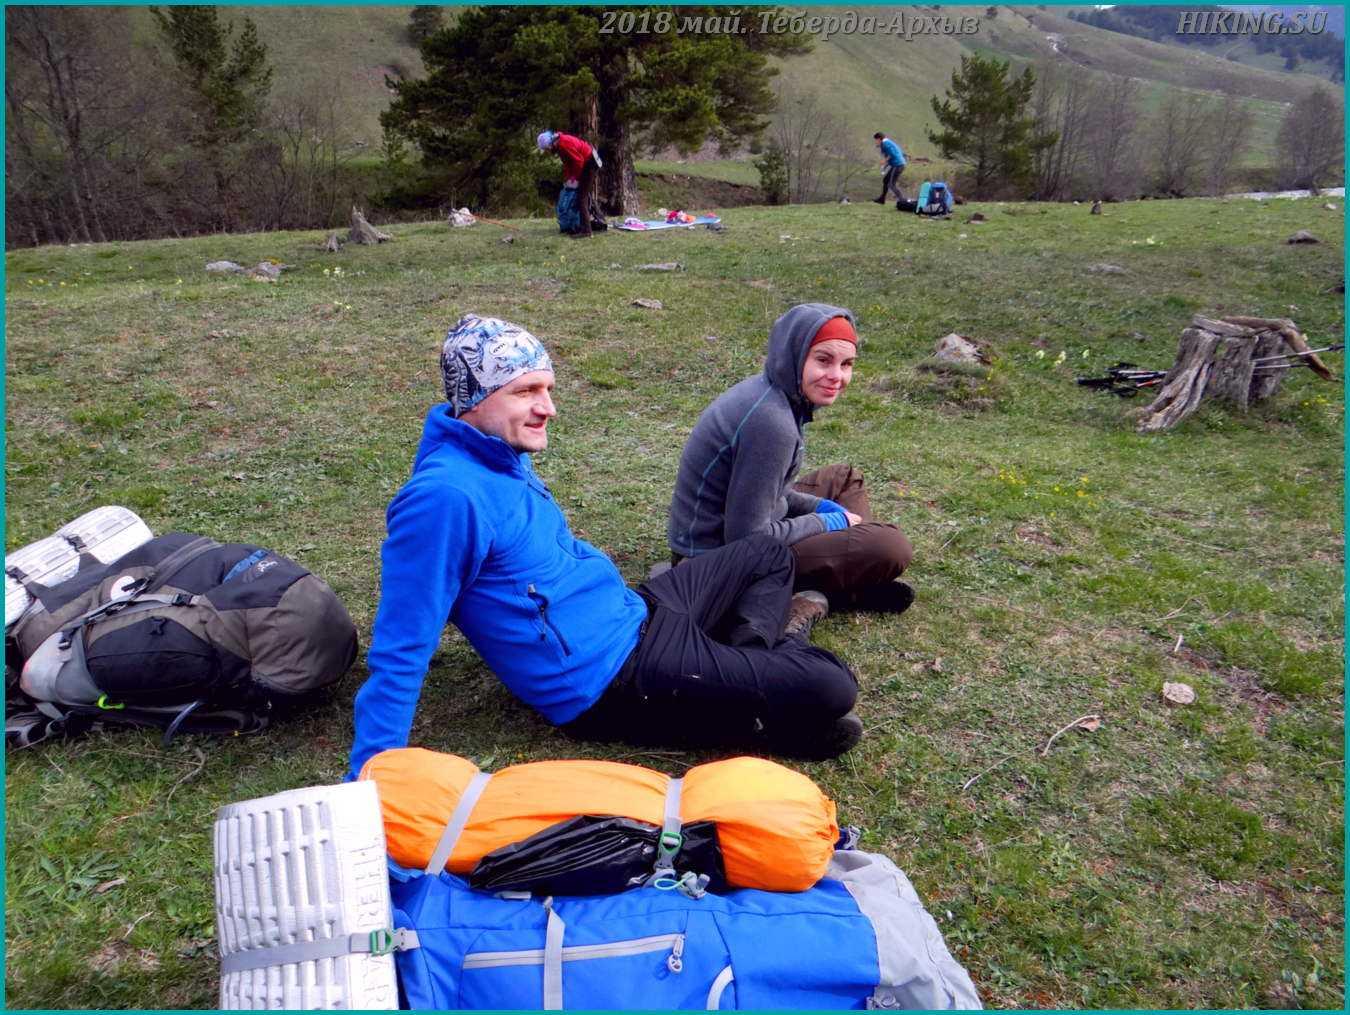 Фото 2 Отзыв о походе Тебердинские Волки Женя, Галя, Ксения. Теберда-Архыз май 2018г